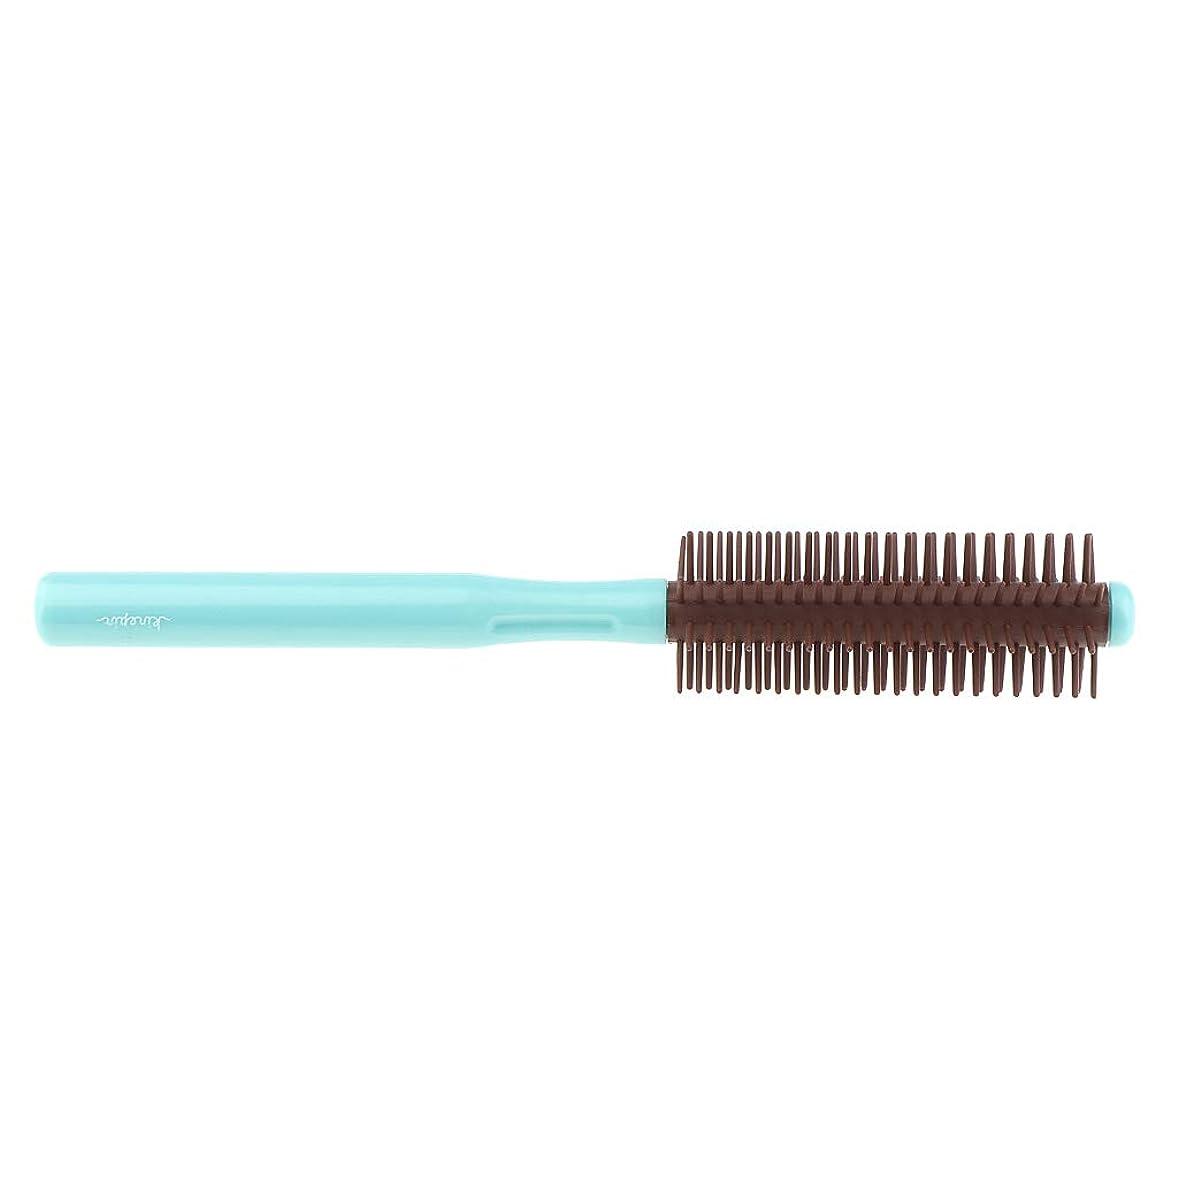 工業用リボン許容できるP Prettyia ロールブラシ 帯電防止櫛 ヘアブラシ くし 2色選べ - 青